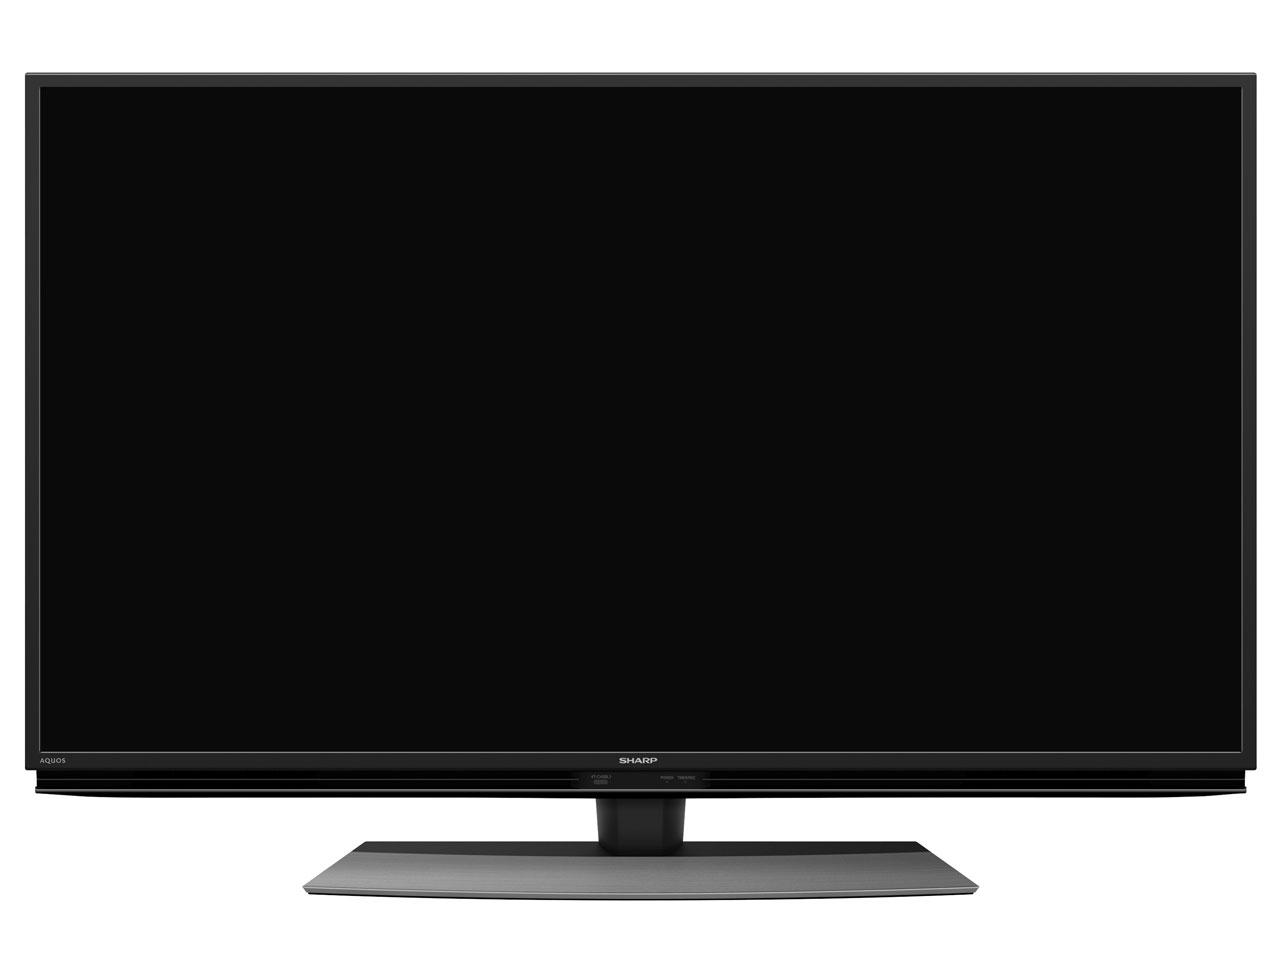 【新品/取寄品/代引不可】4T-C45BL1 アクオス 45V型 4Kチューナー搭載 地上・BS・110度CSデジタルハイビジョン液晶テレビ